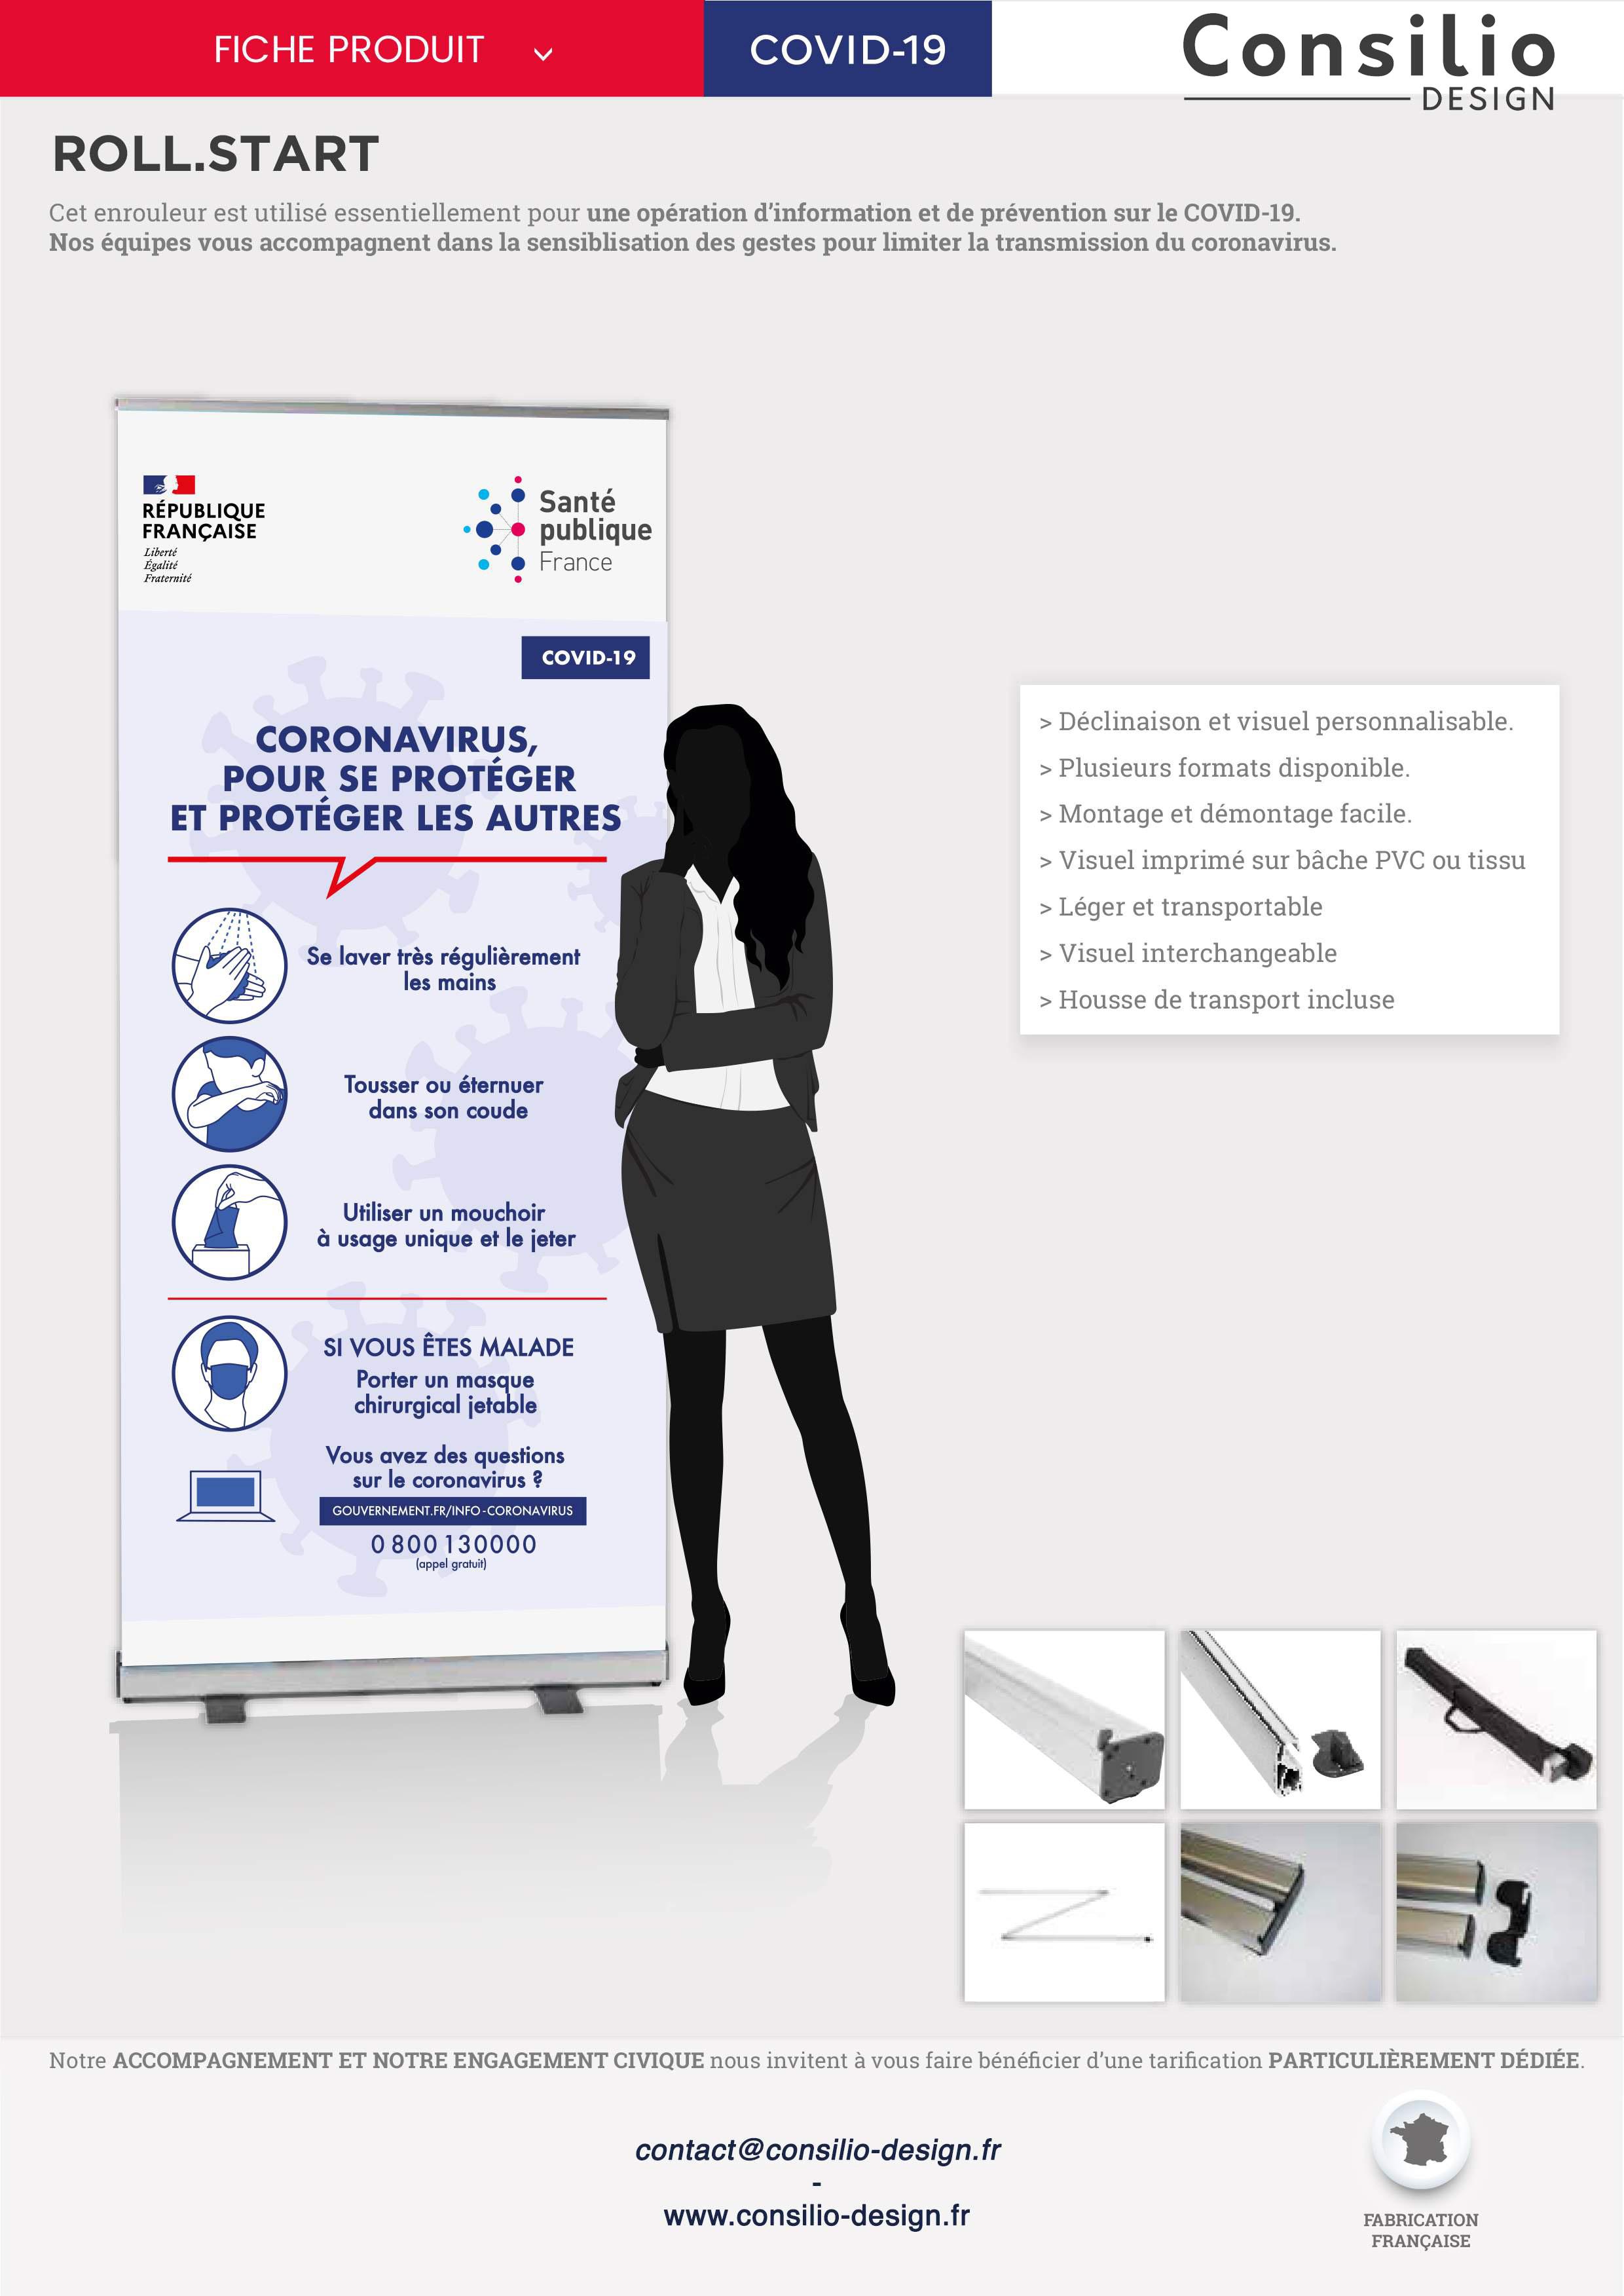 Consilio_Design_ROLLSTART_Fiche_Produit_COVID19